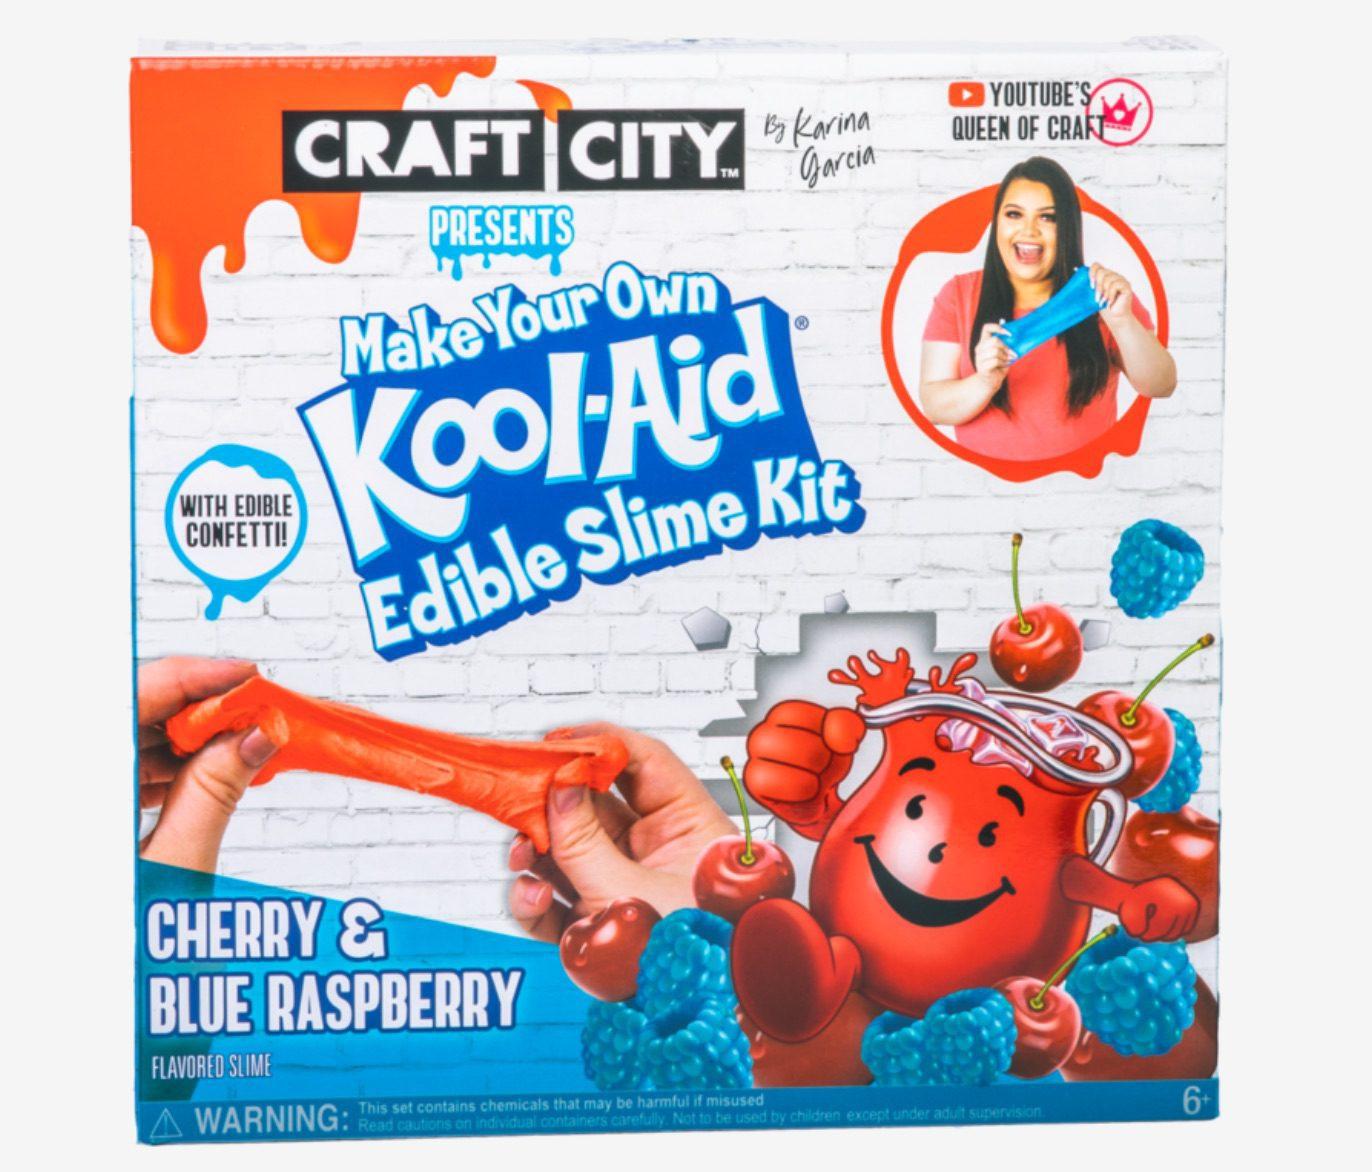 Craft City Make Your Own Kool-Aid Edible Slime Kit